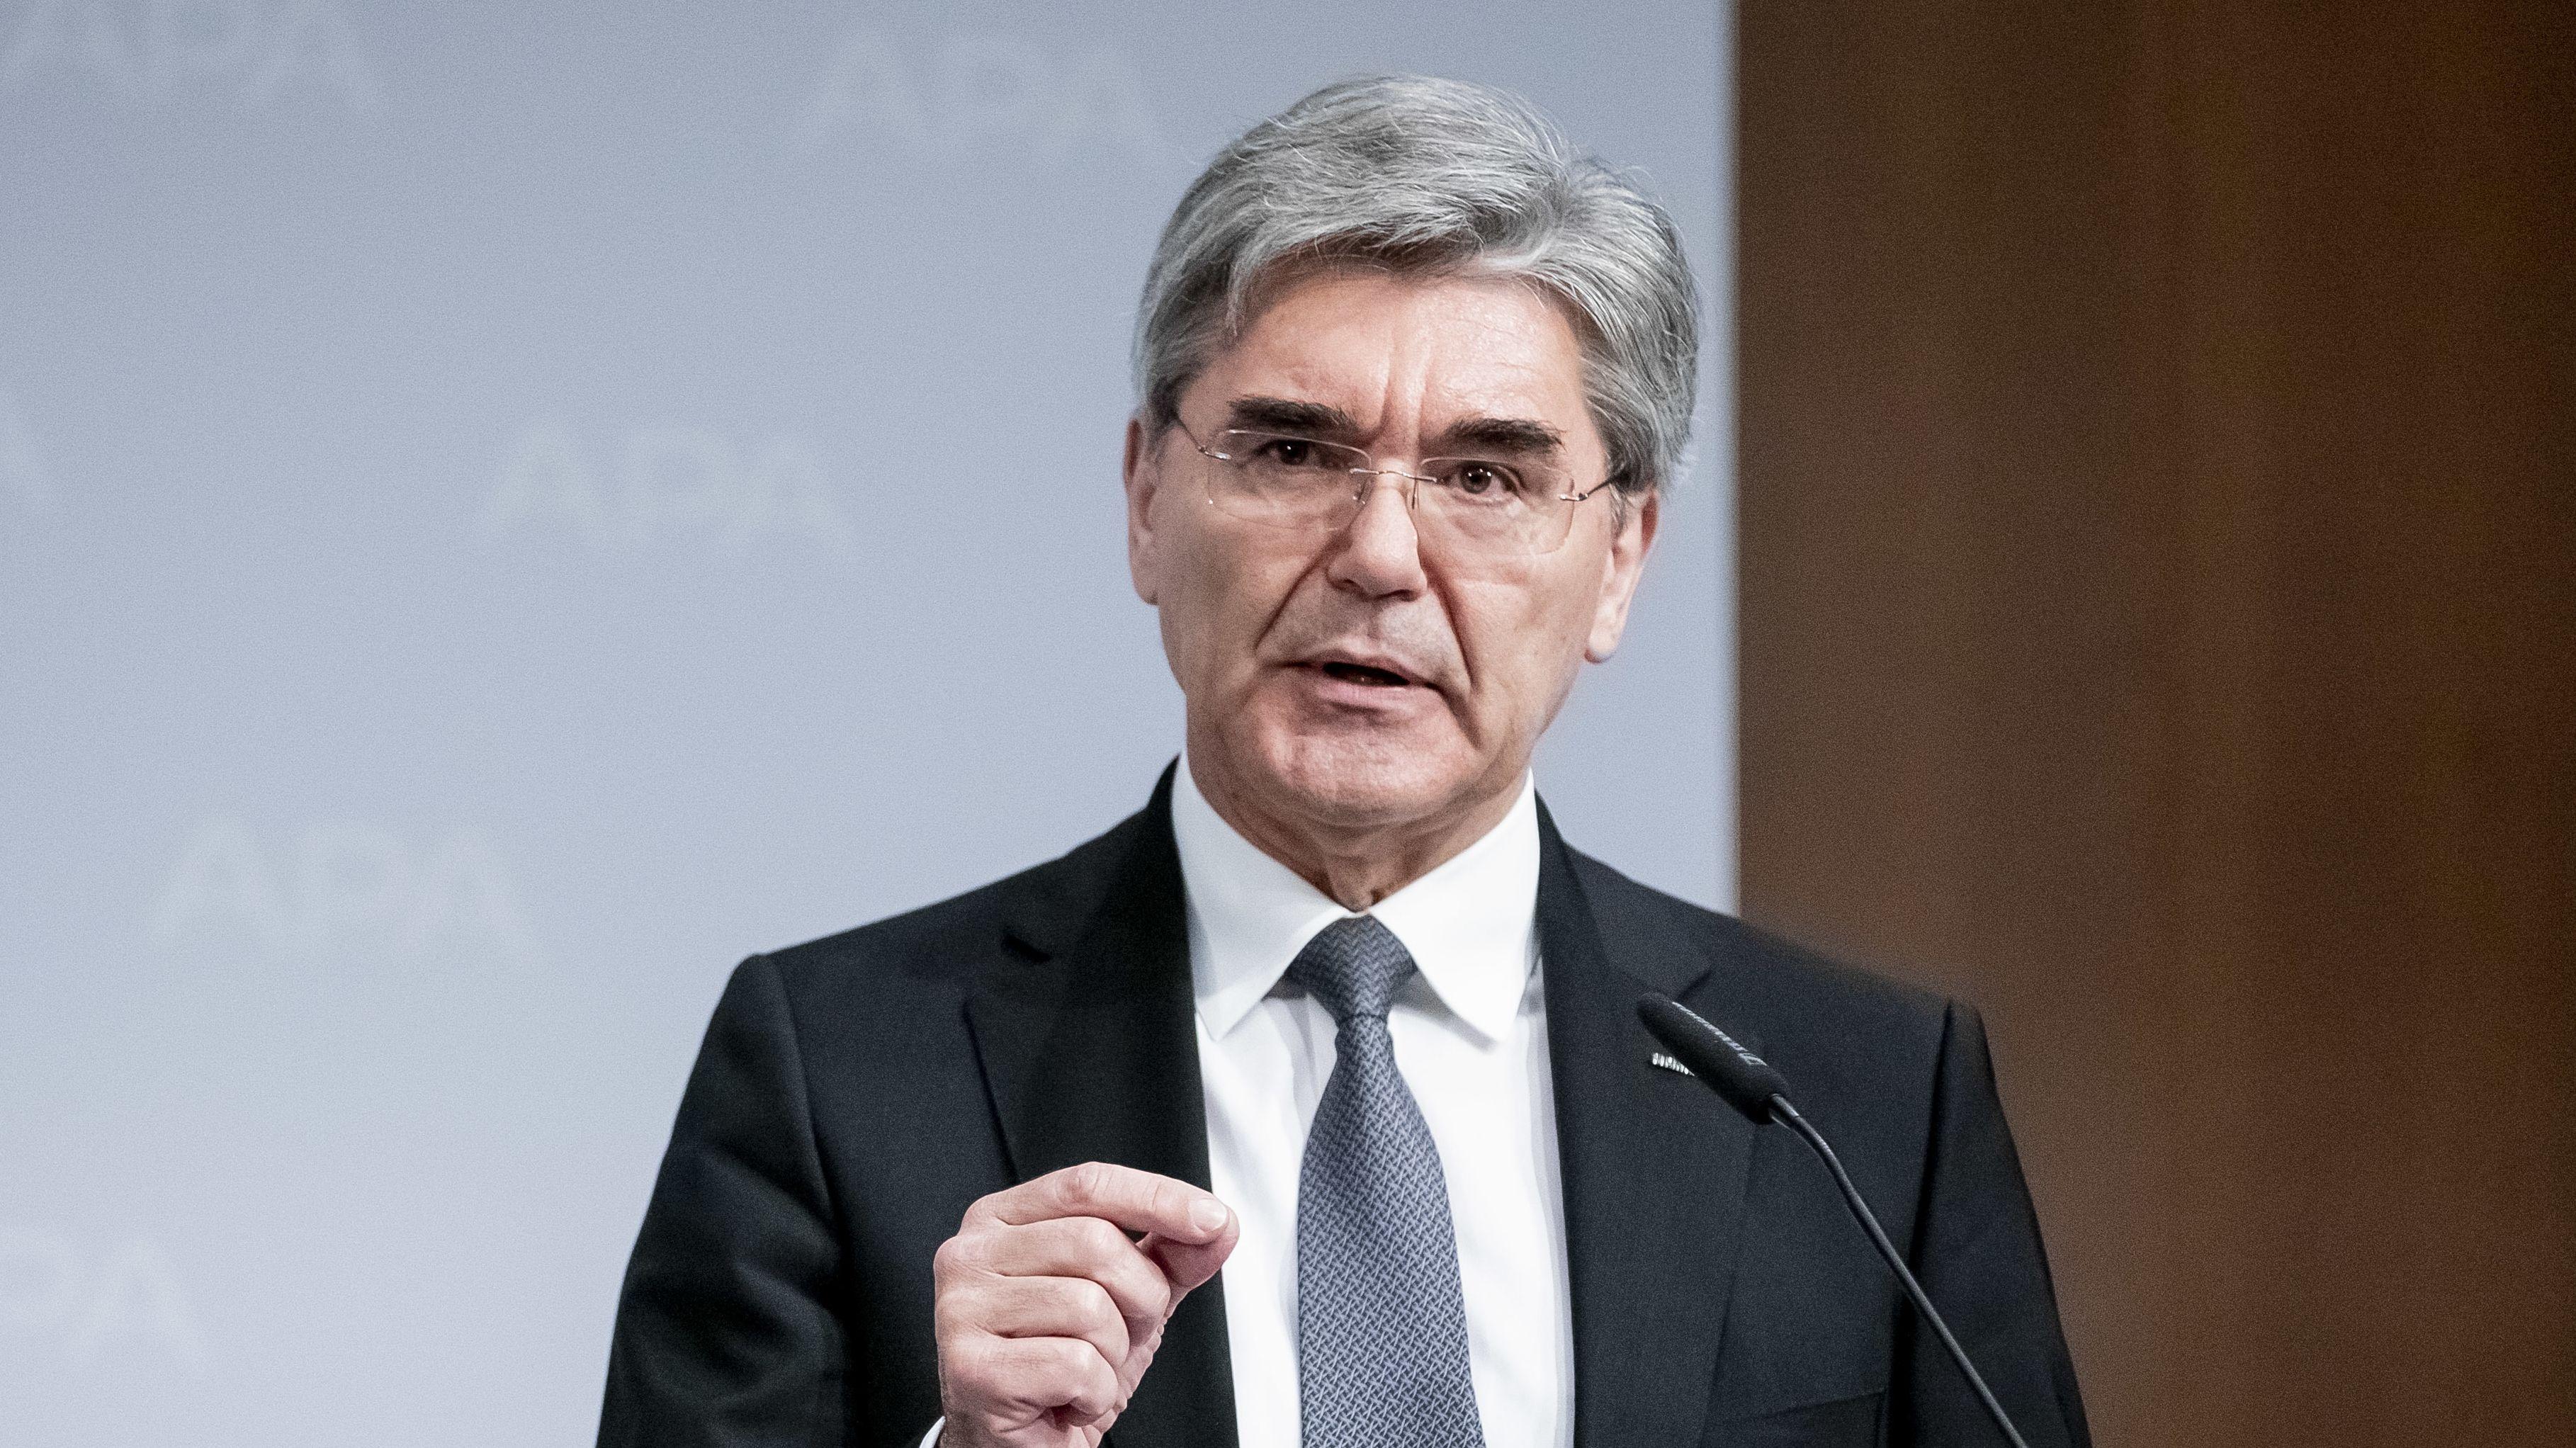 Joe Kaeser, 1. Vorstandsvorsitzender Siemens